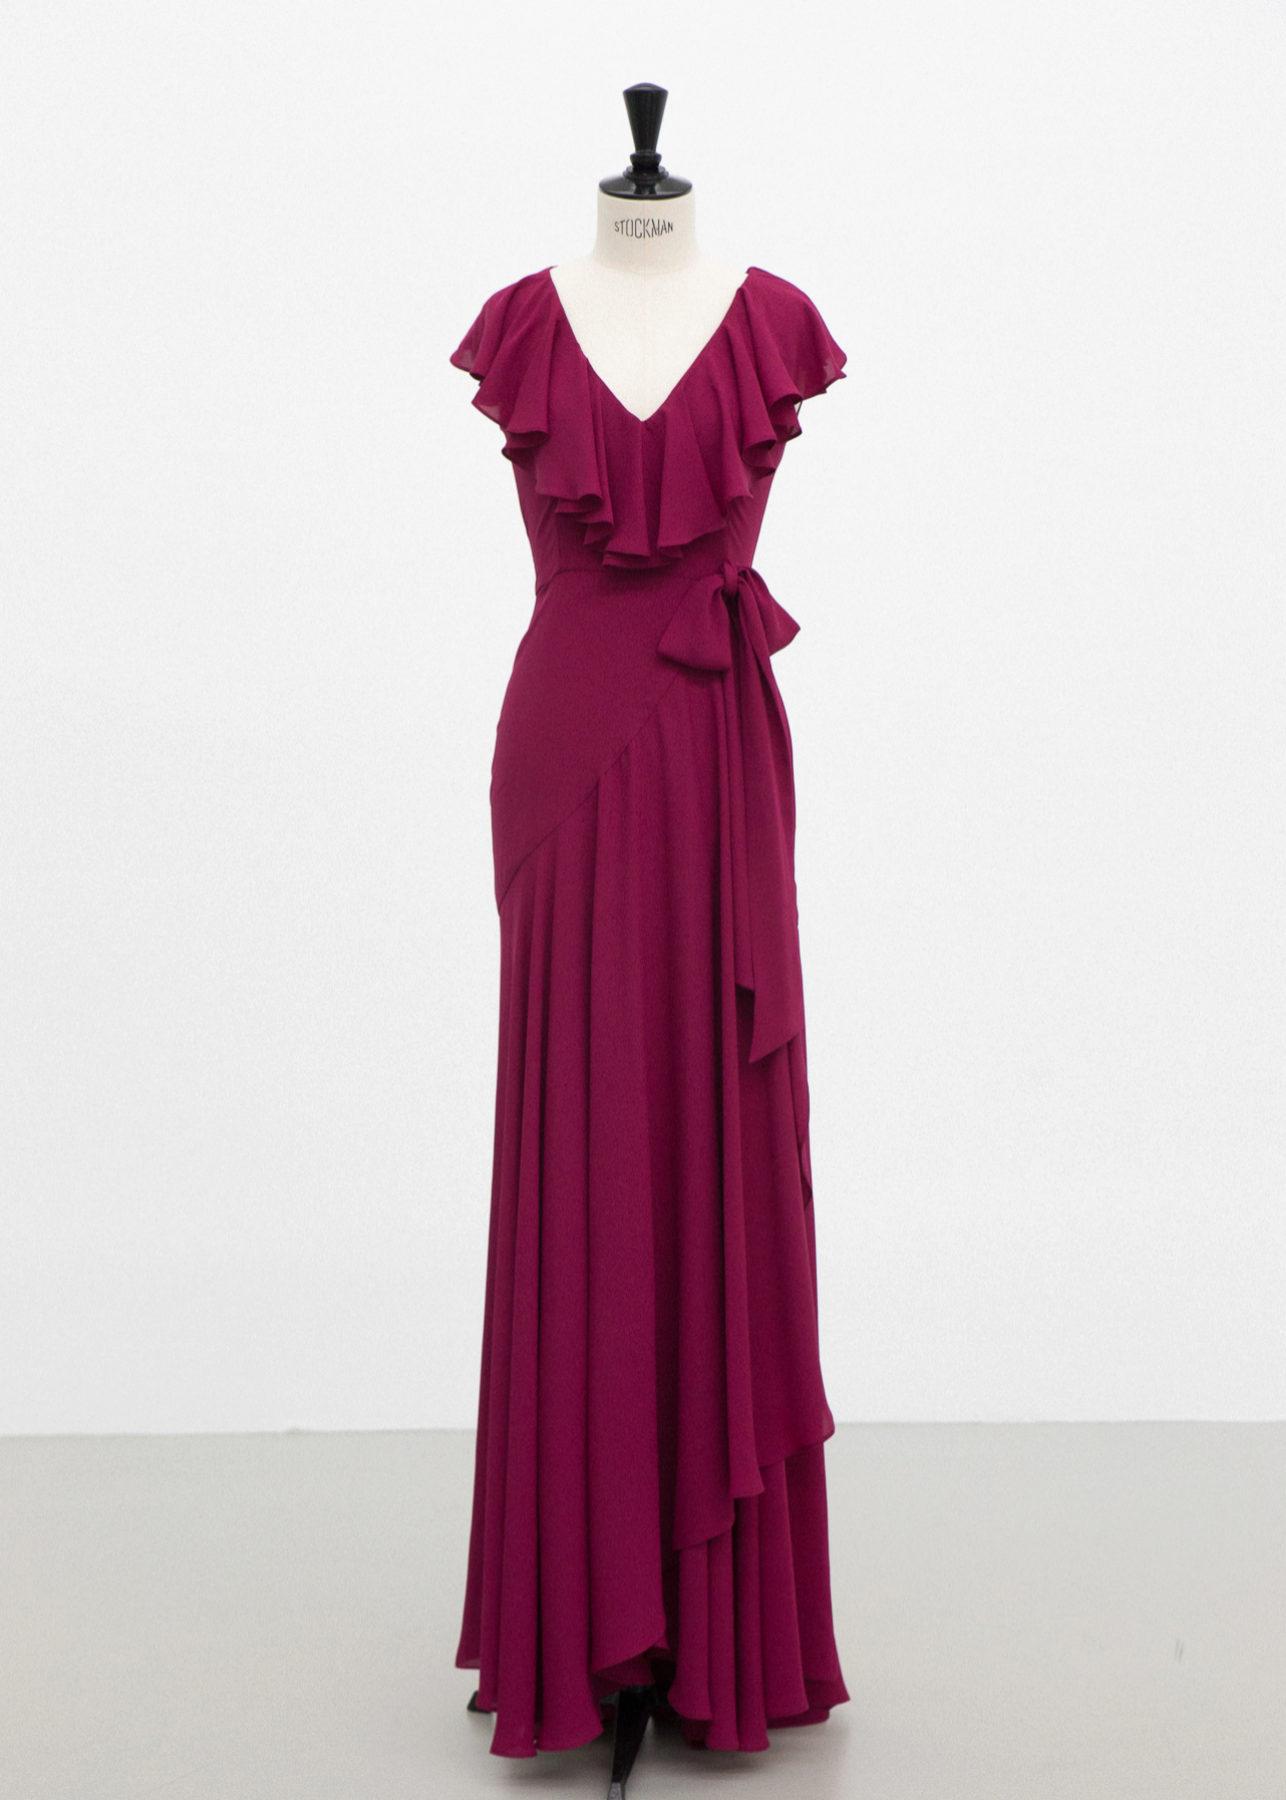 Vestido cruzado en color rosa de ByHandel (300¤)